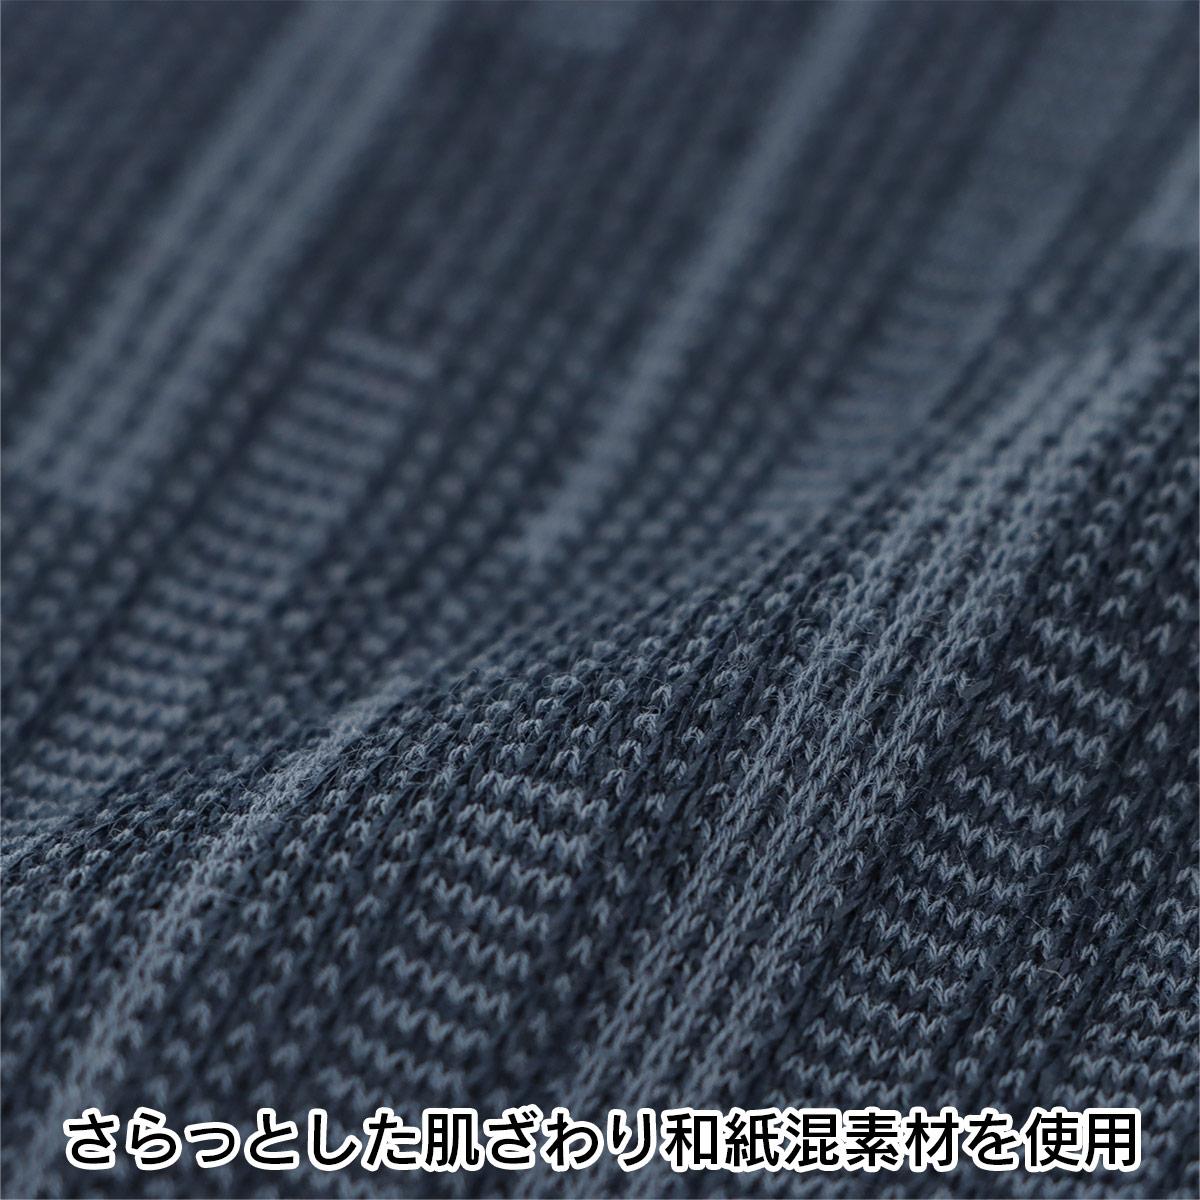 DAKS ダックス 日本製 Dress ビジネス 和紙混 さらっとした肌ざわり ジャガード柄 クルー丈 メンズ ソックス プレゼント 贈答 ギフト 02502380【ゆうパケット・4点まで】